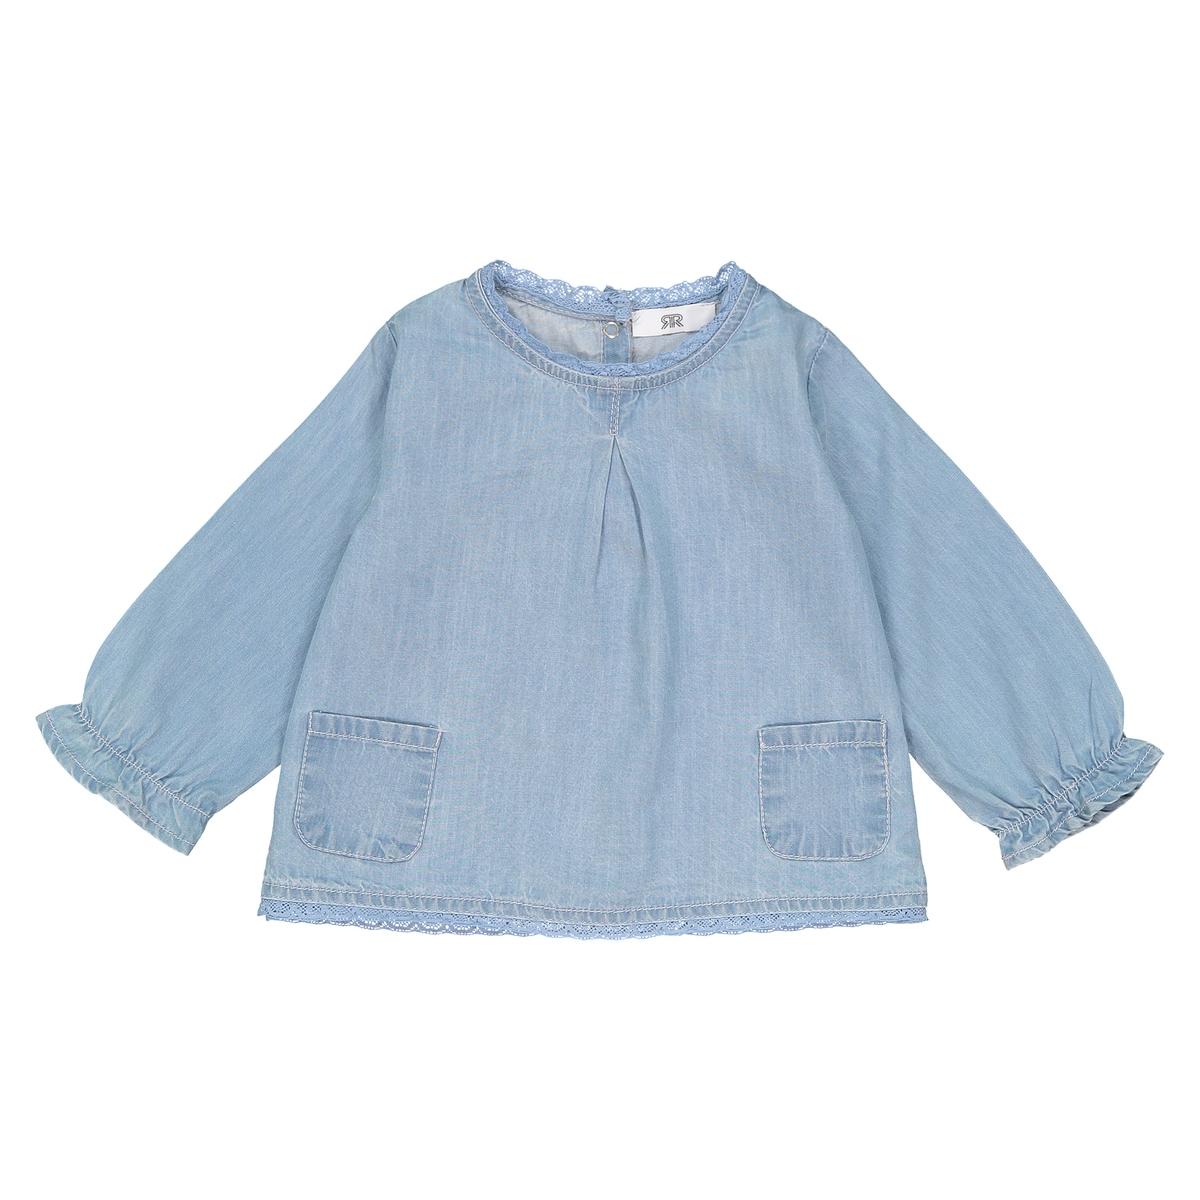 Блузка La Redoute С длинными рукавами из джинсовой ткани мес - года 3 года - 94 см синий футболки la redoute с длинными рукавами мес года 2 года 86 см разноцветный